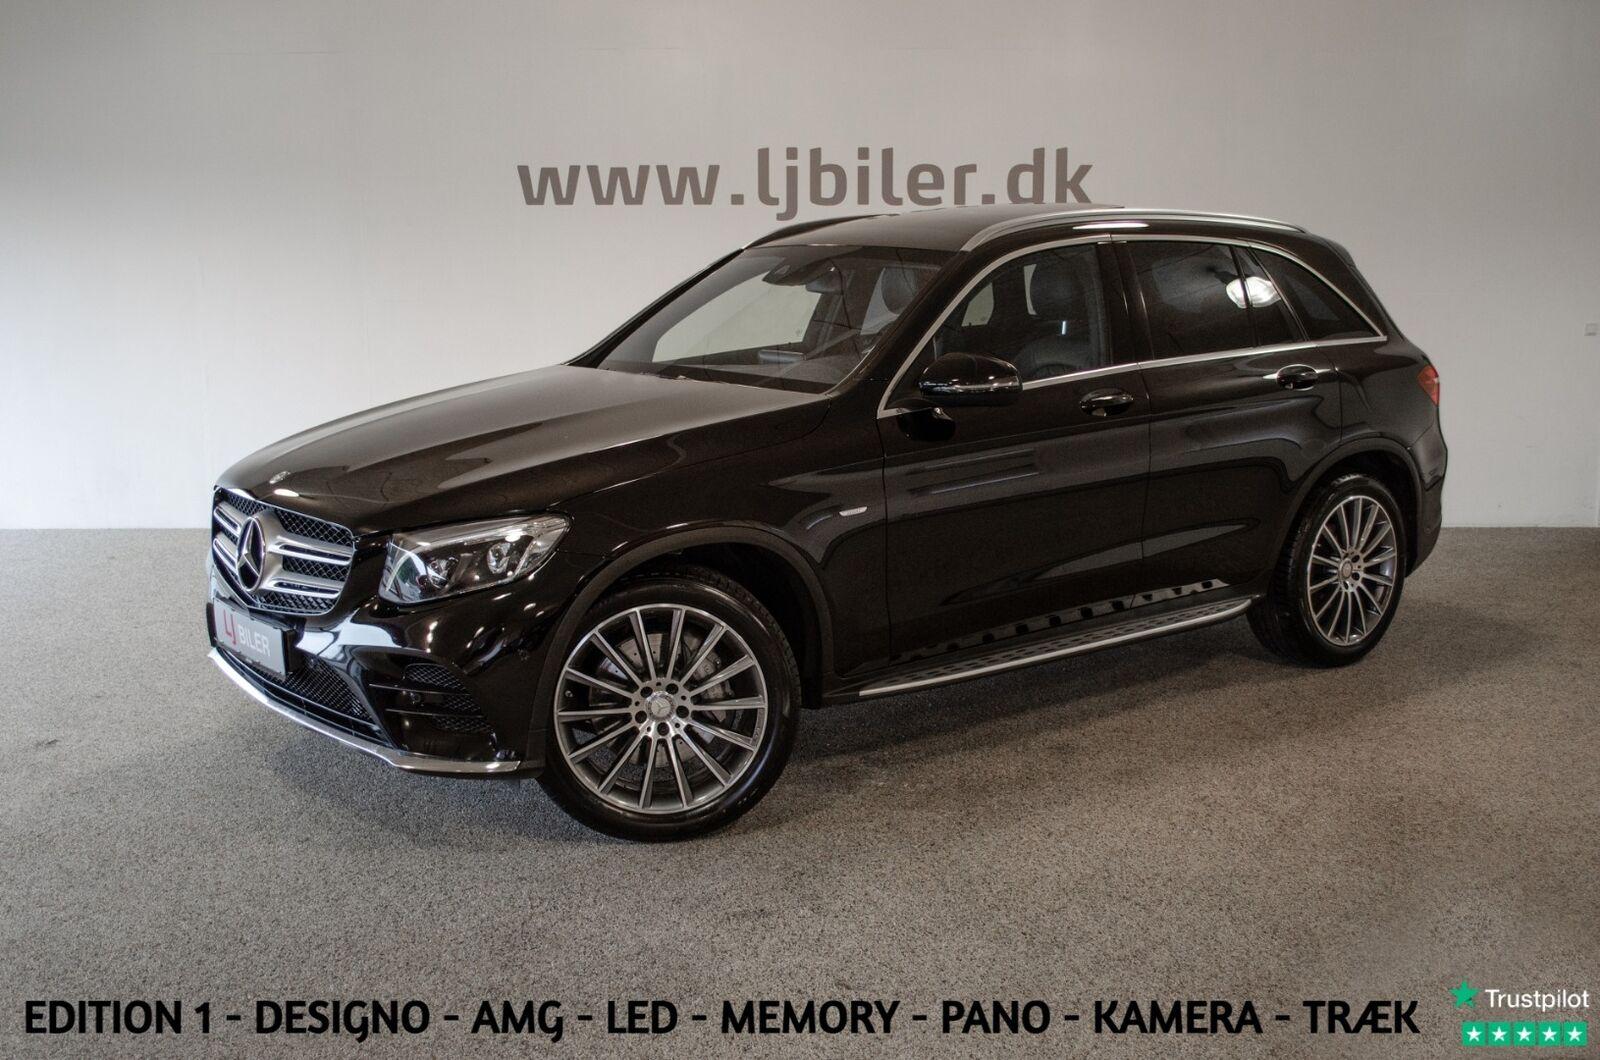 Mercedes GLC250 d 2,2 AMG Line aut. 4Matic 5d - 529.800 kr.